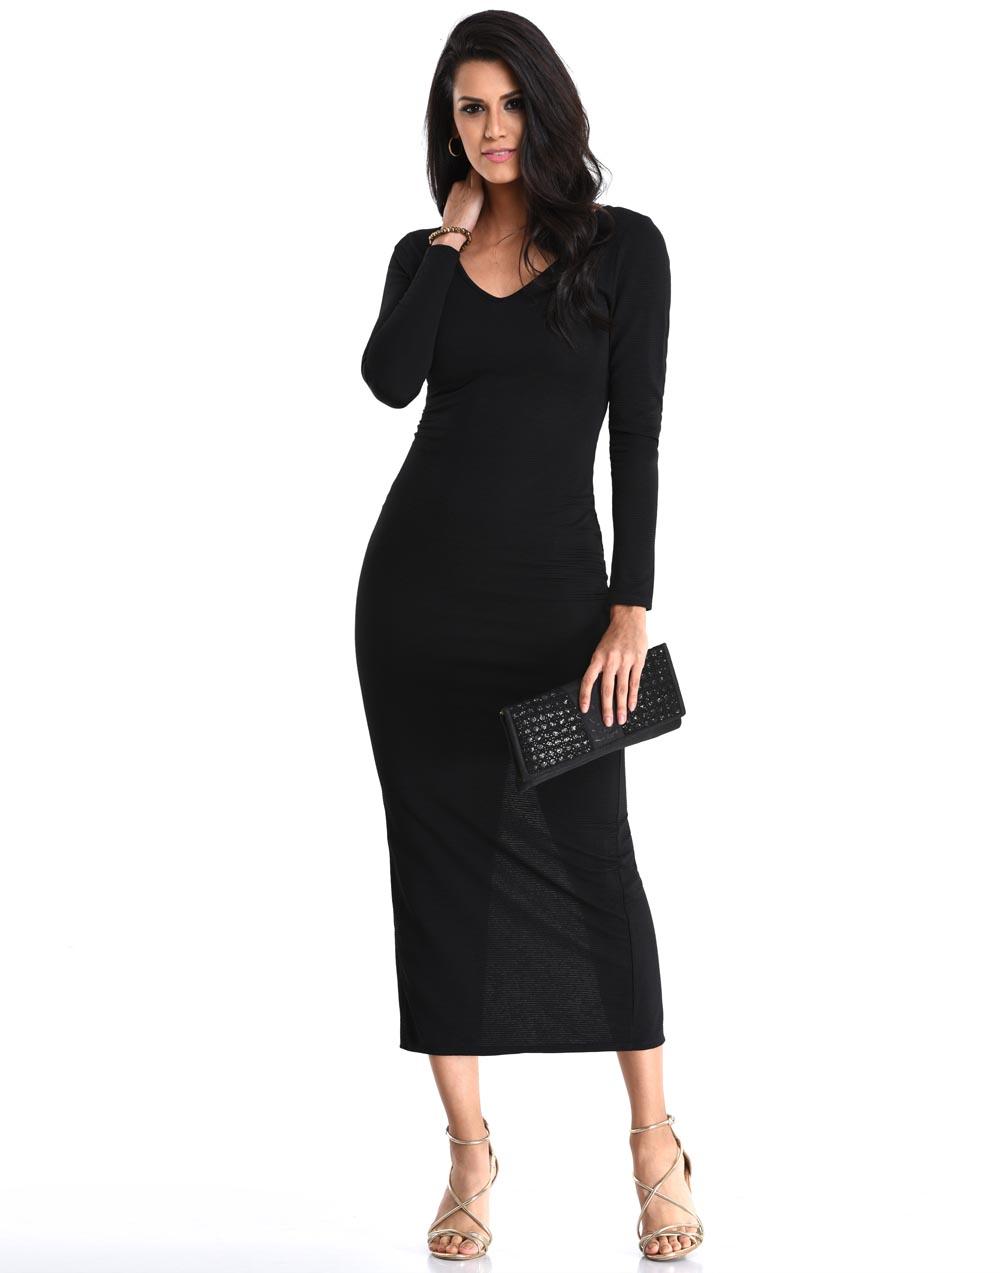 Body Huggining Dress